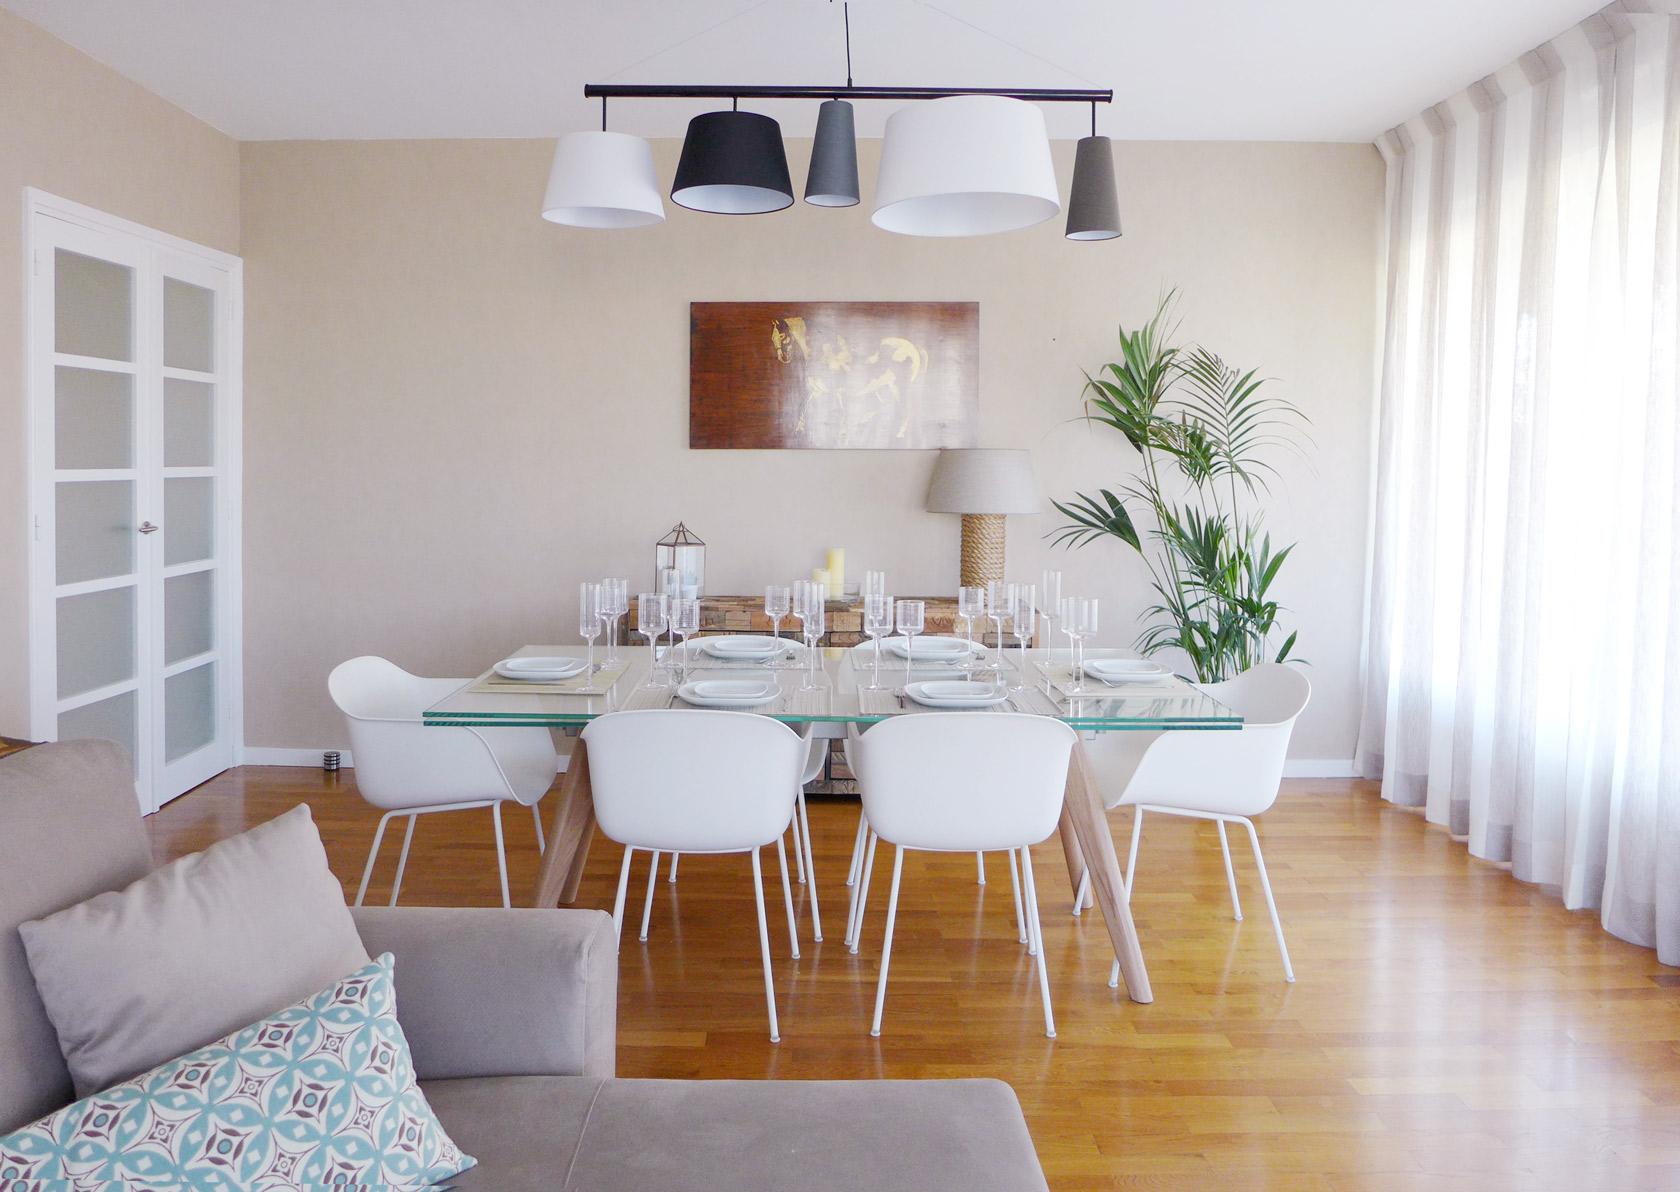 Réalisation Sable blanc. Un appartement qui appelle à la douceur de vivre.